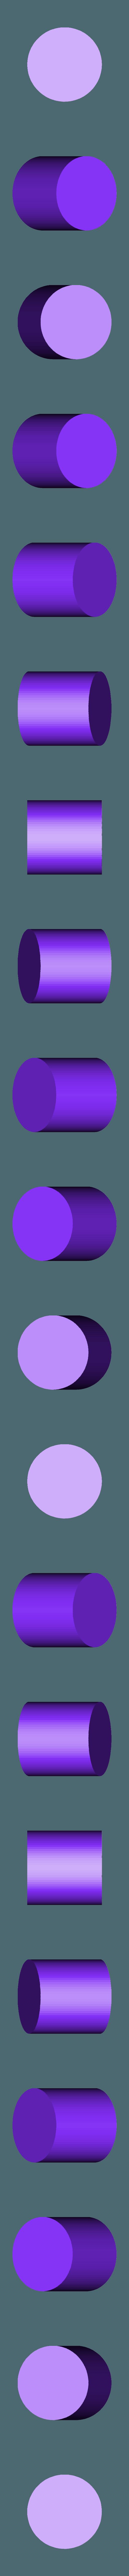 Test_Cylinder_25mm_x_25mm.stl Download free STL file Flyer Mk. 1 • 3D printing object, billbo1958